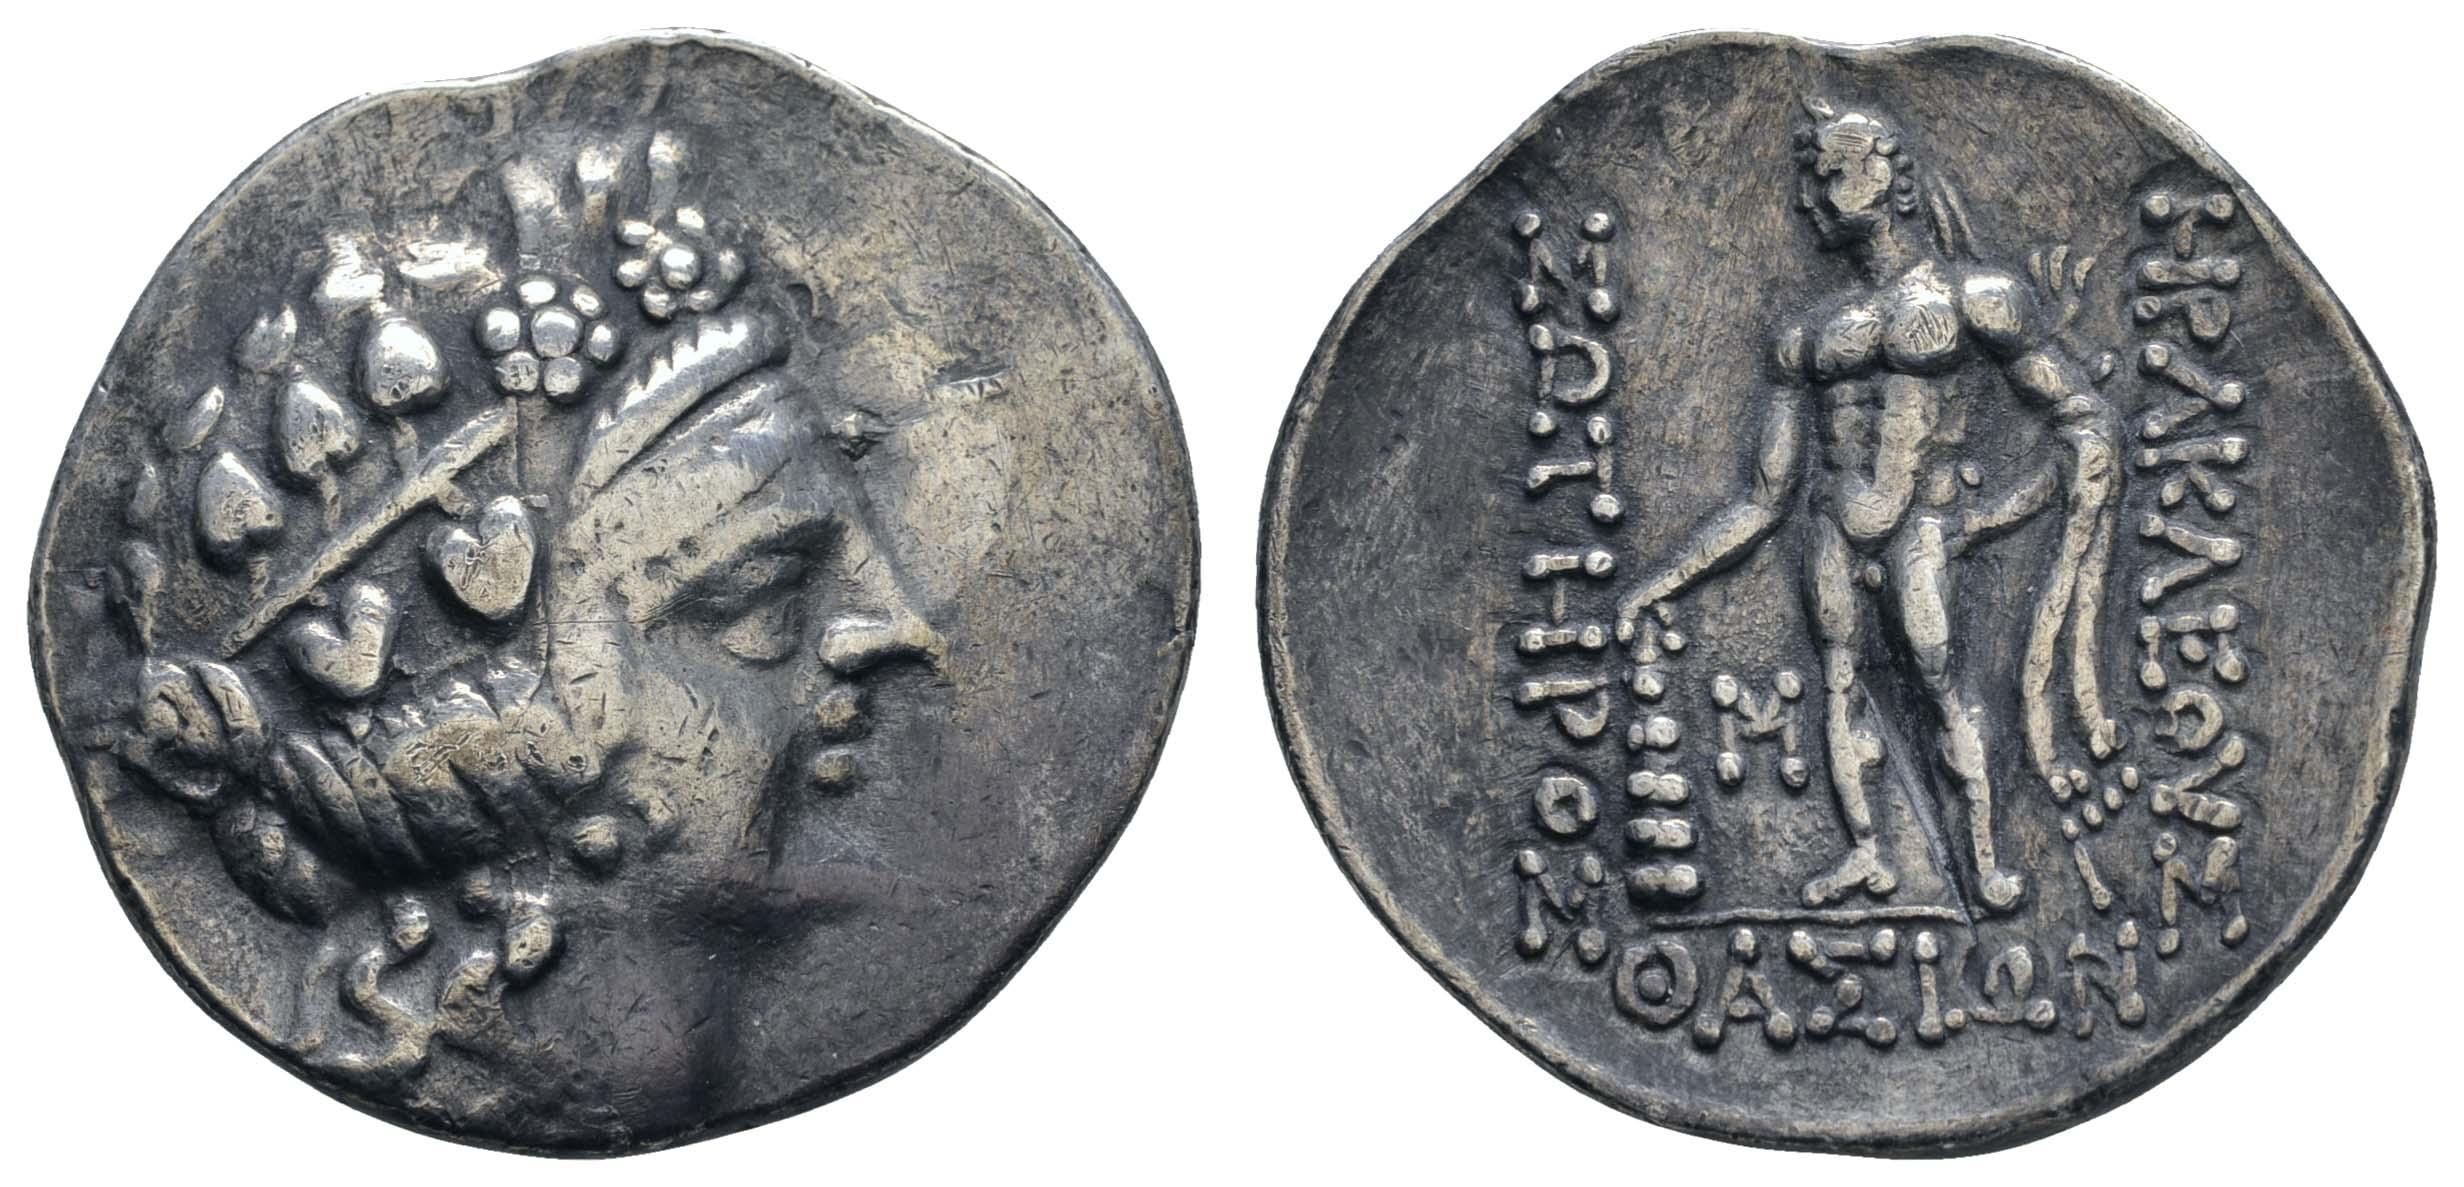 Lot 57 - Antike Griechen - Thracia -  Auktionshaus Ulrich Felzmann GmbH & Co. KG Auction #161 Philatelic & Numismatic